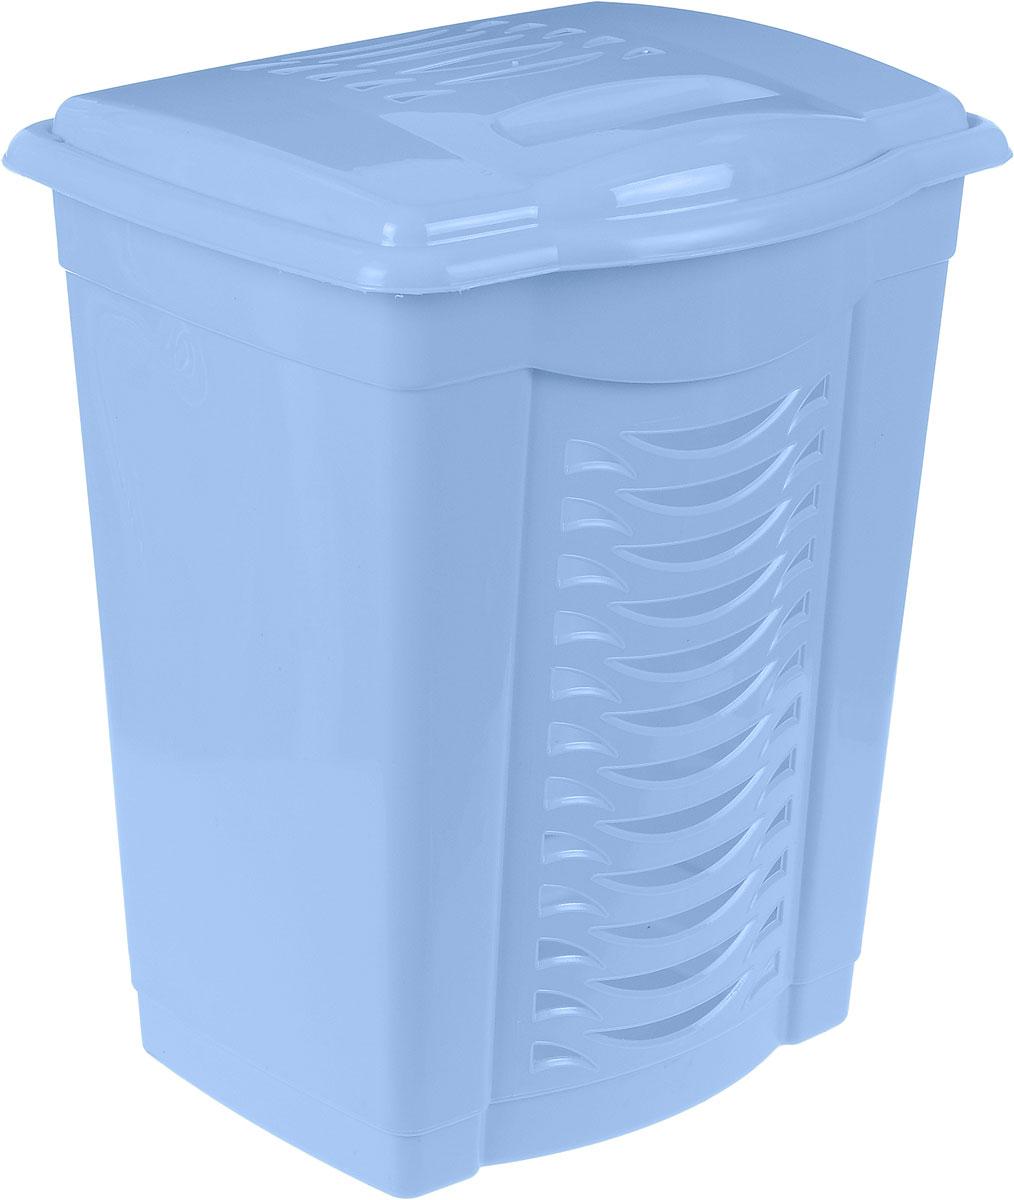 Корзина для белья Альтернатива, цвет: голубой, 60 лМ1361Легкая и удобная корзина Альтернатива прямоугольной формы изготовлена из пластика. Она отлично подойдет для хранения белья перед стиркой. Стенки корзины декорированы перфорацией, что создаст идеальные условия для естественной вентиляции. Корзина оснащена крышкой. Такая корзина для белья прекрасно впишется в интерьер ванной комнаты.